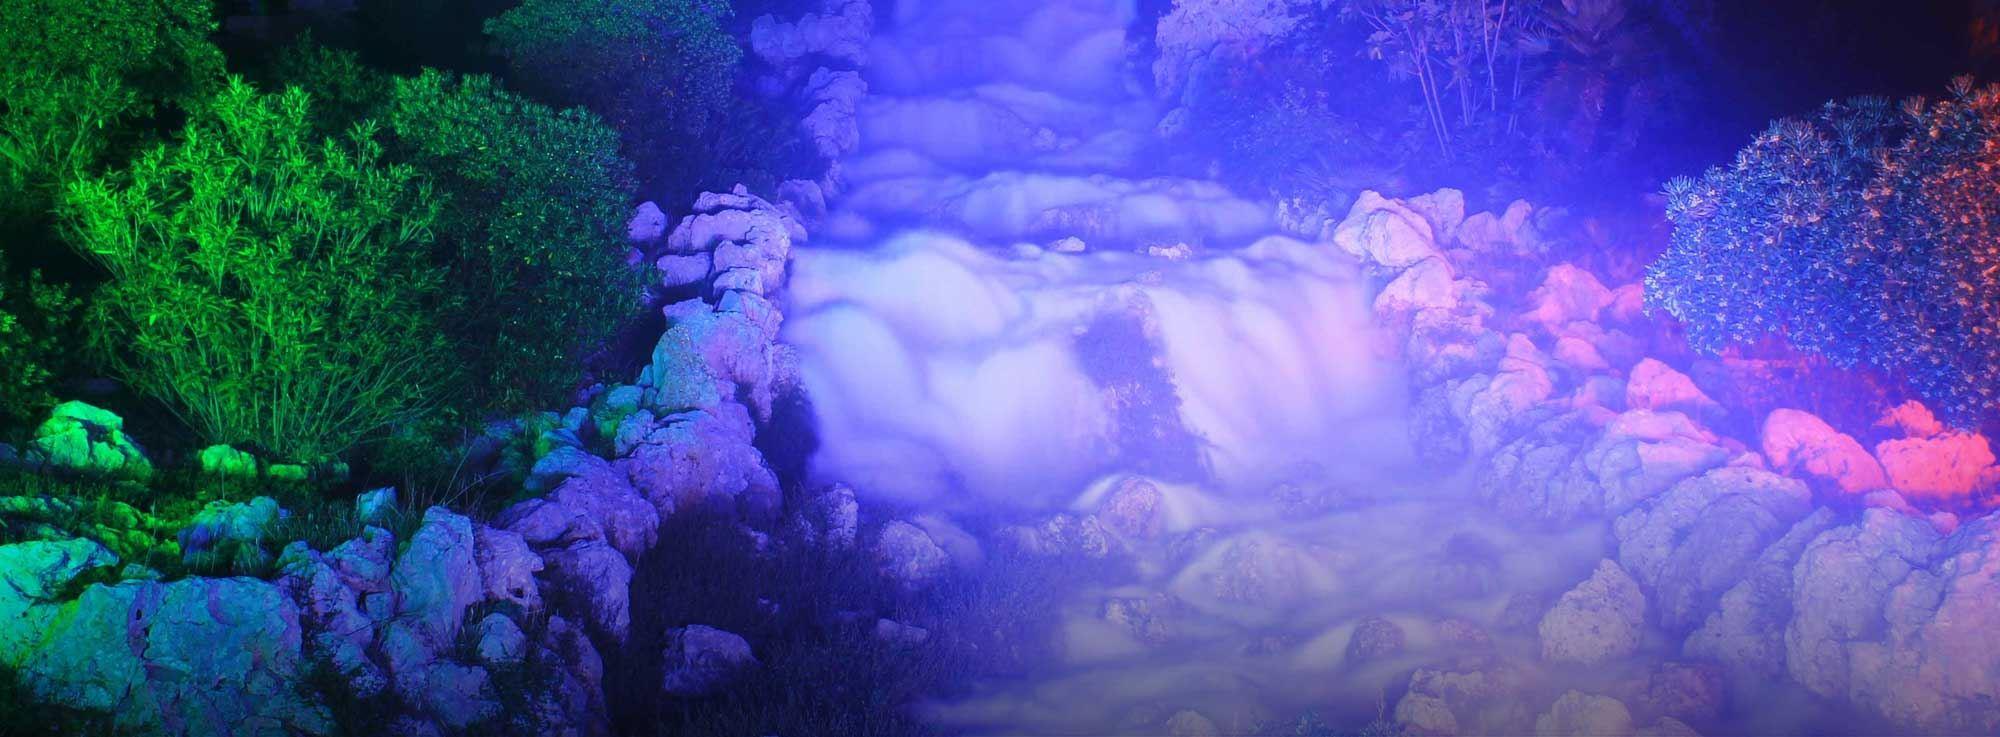 Santa Maria di Leuca: Cascata di Notte